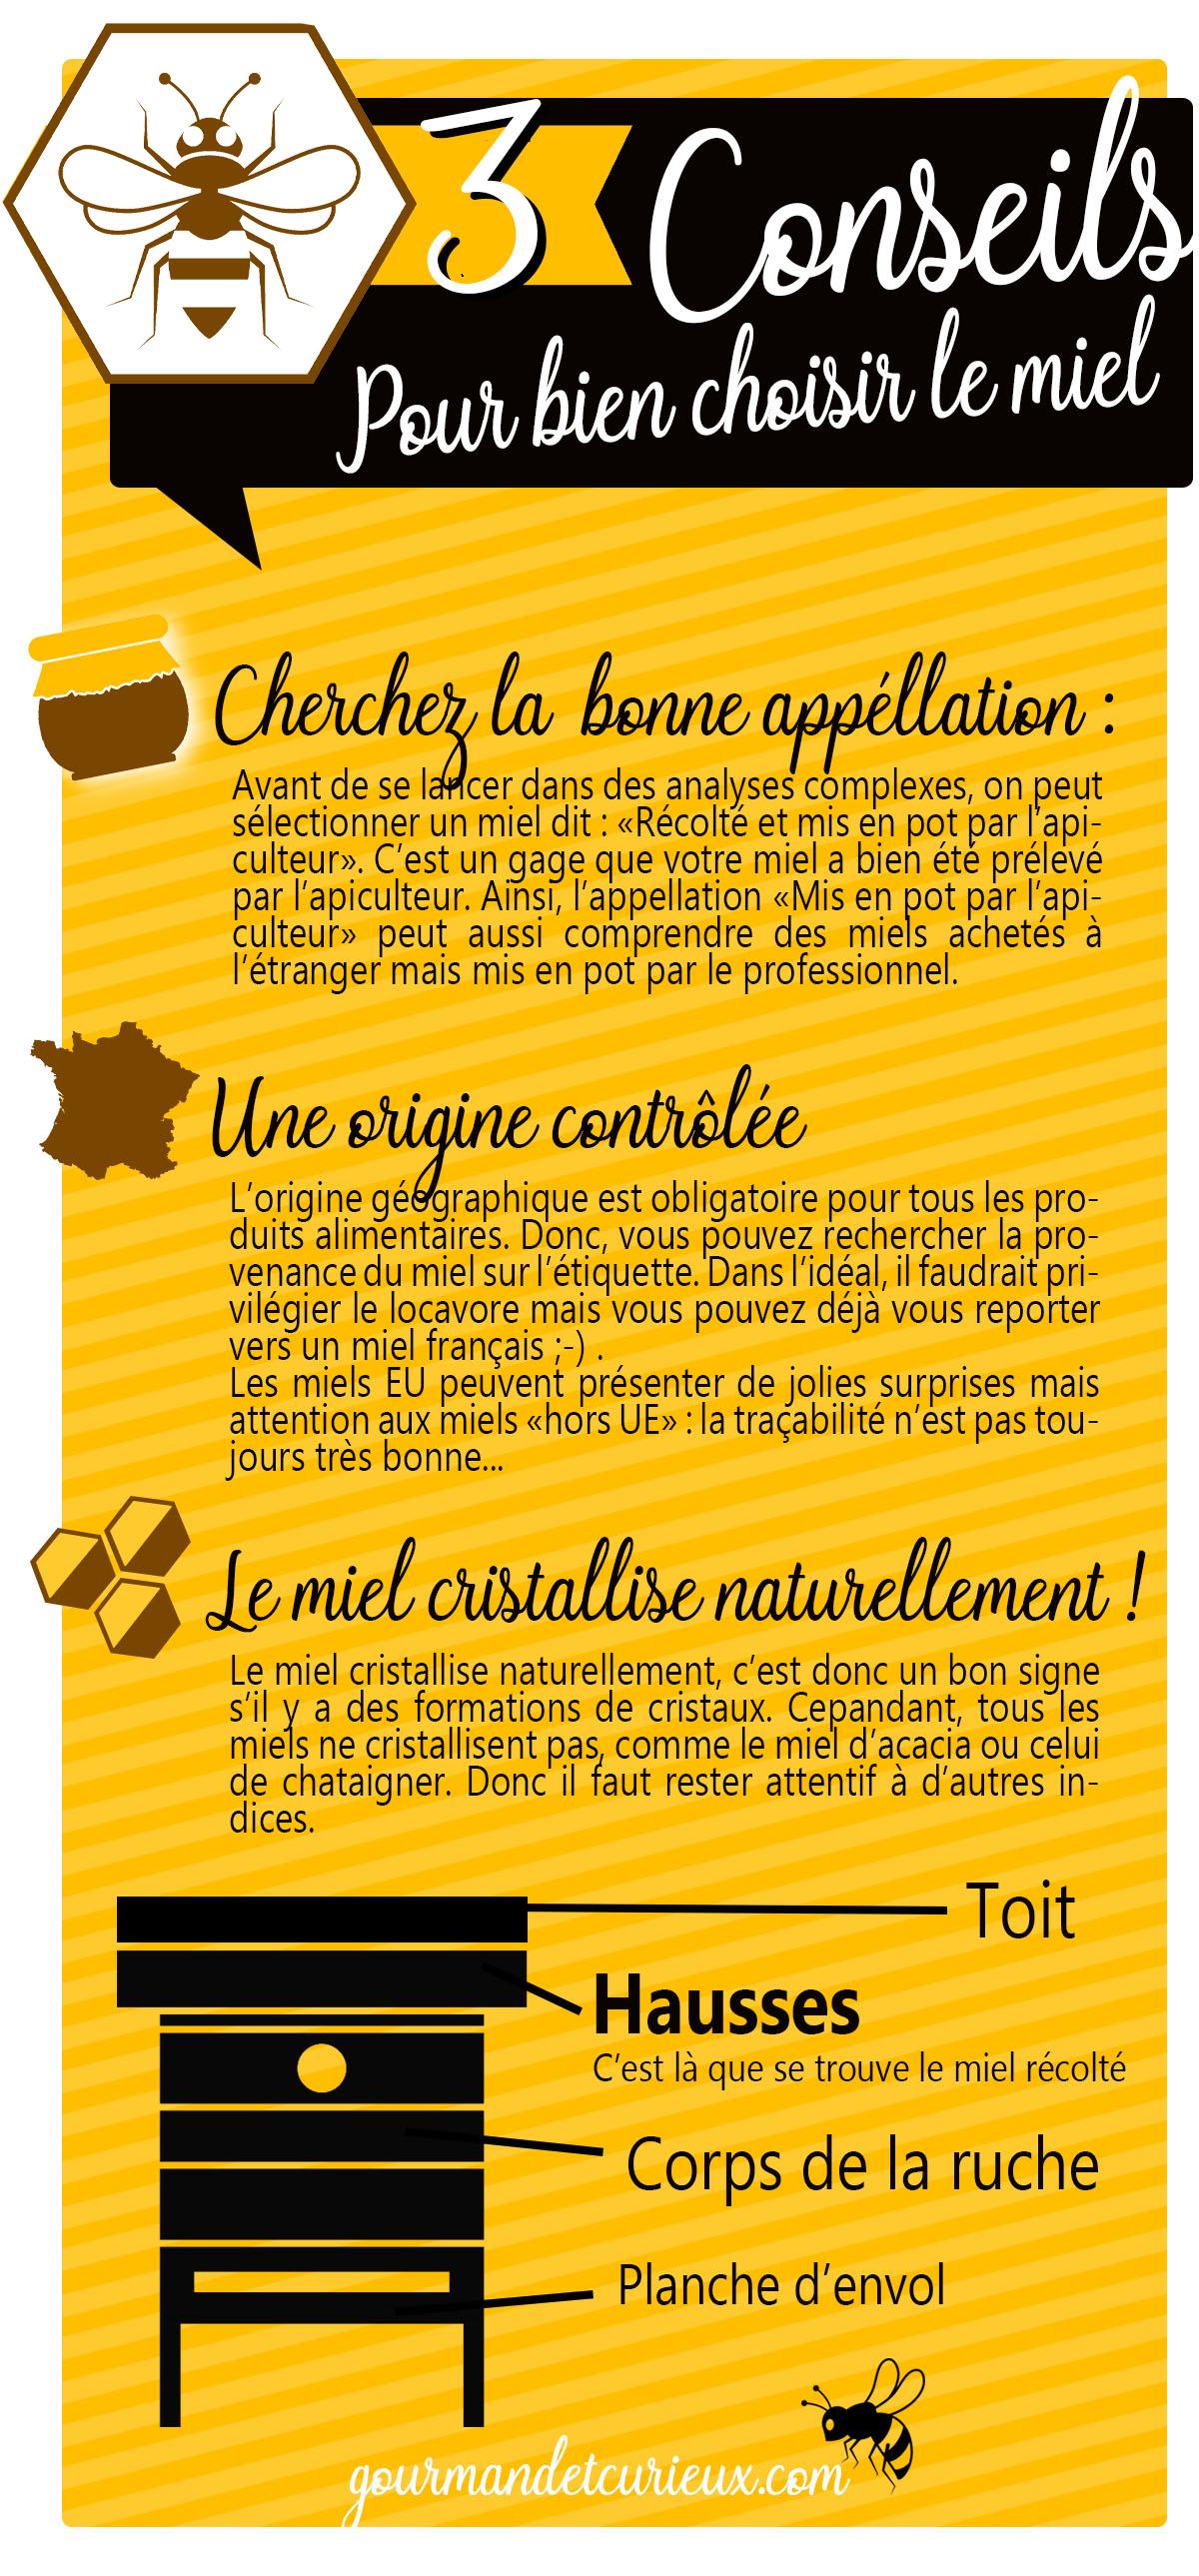 comment bien choisir le miel lovacore et sain bien manger en normandie 2019 infographie gourmandetcurieux.jpg